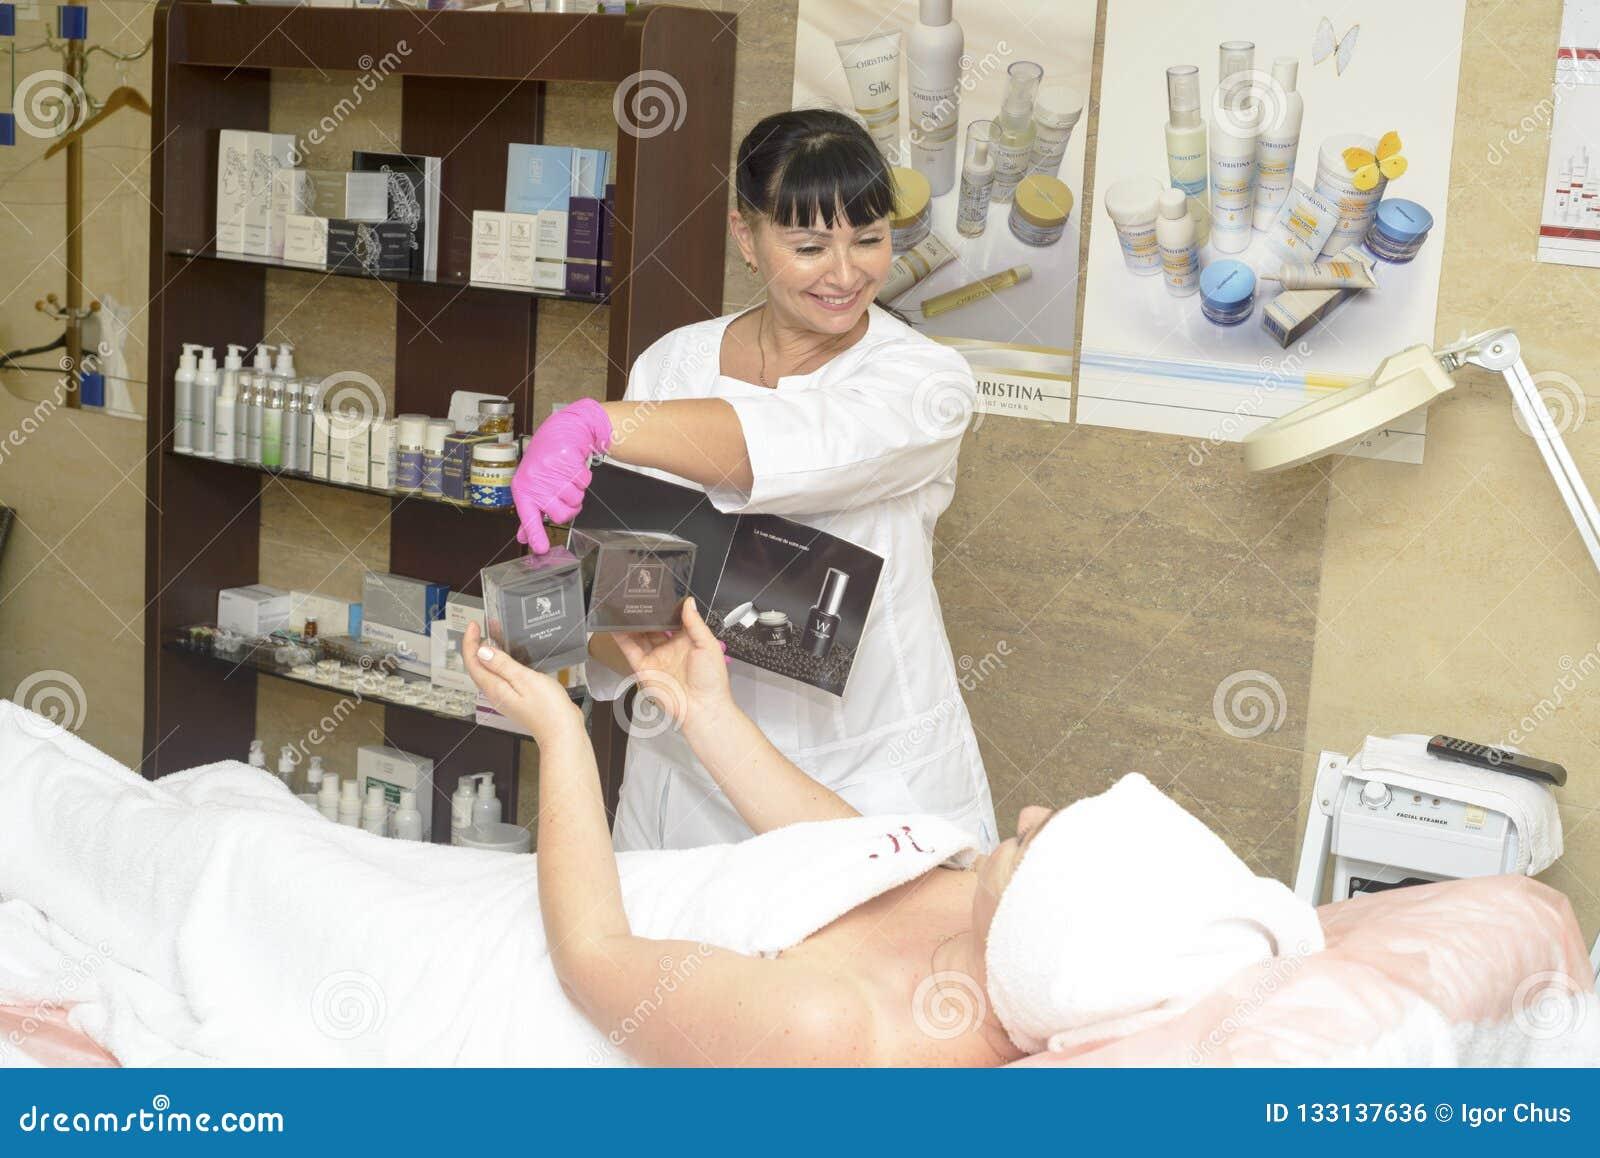 El cosmetologist ofrece los cosméticos del cliente, Ucrania, pueblo de Polyana, diciembre de 2018